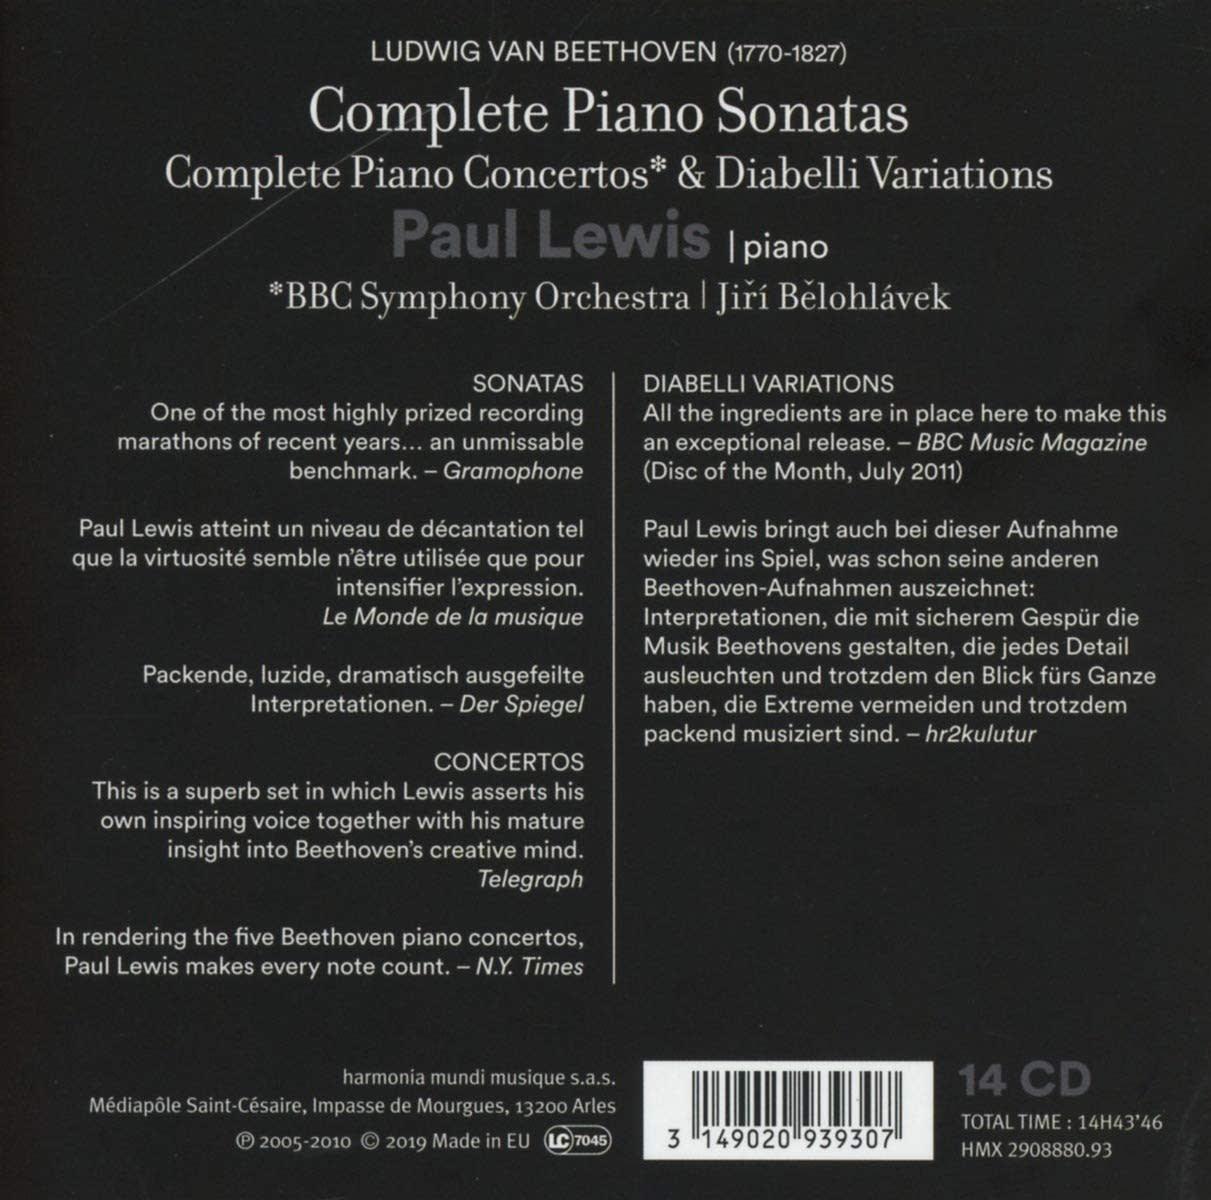 Photo No.2 of Beethoven: Complete Piano Sonatas, Concertos & Diabelli Variations